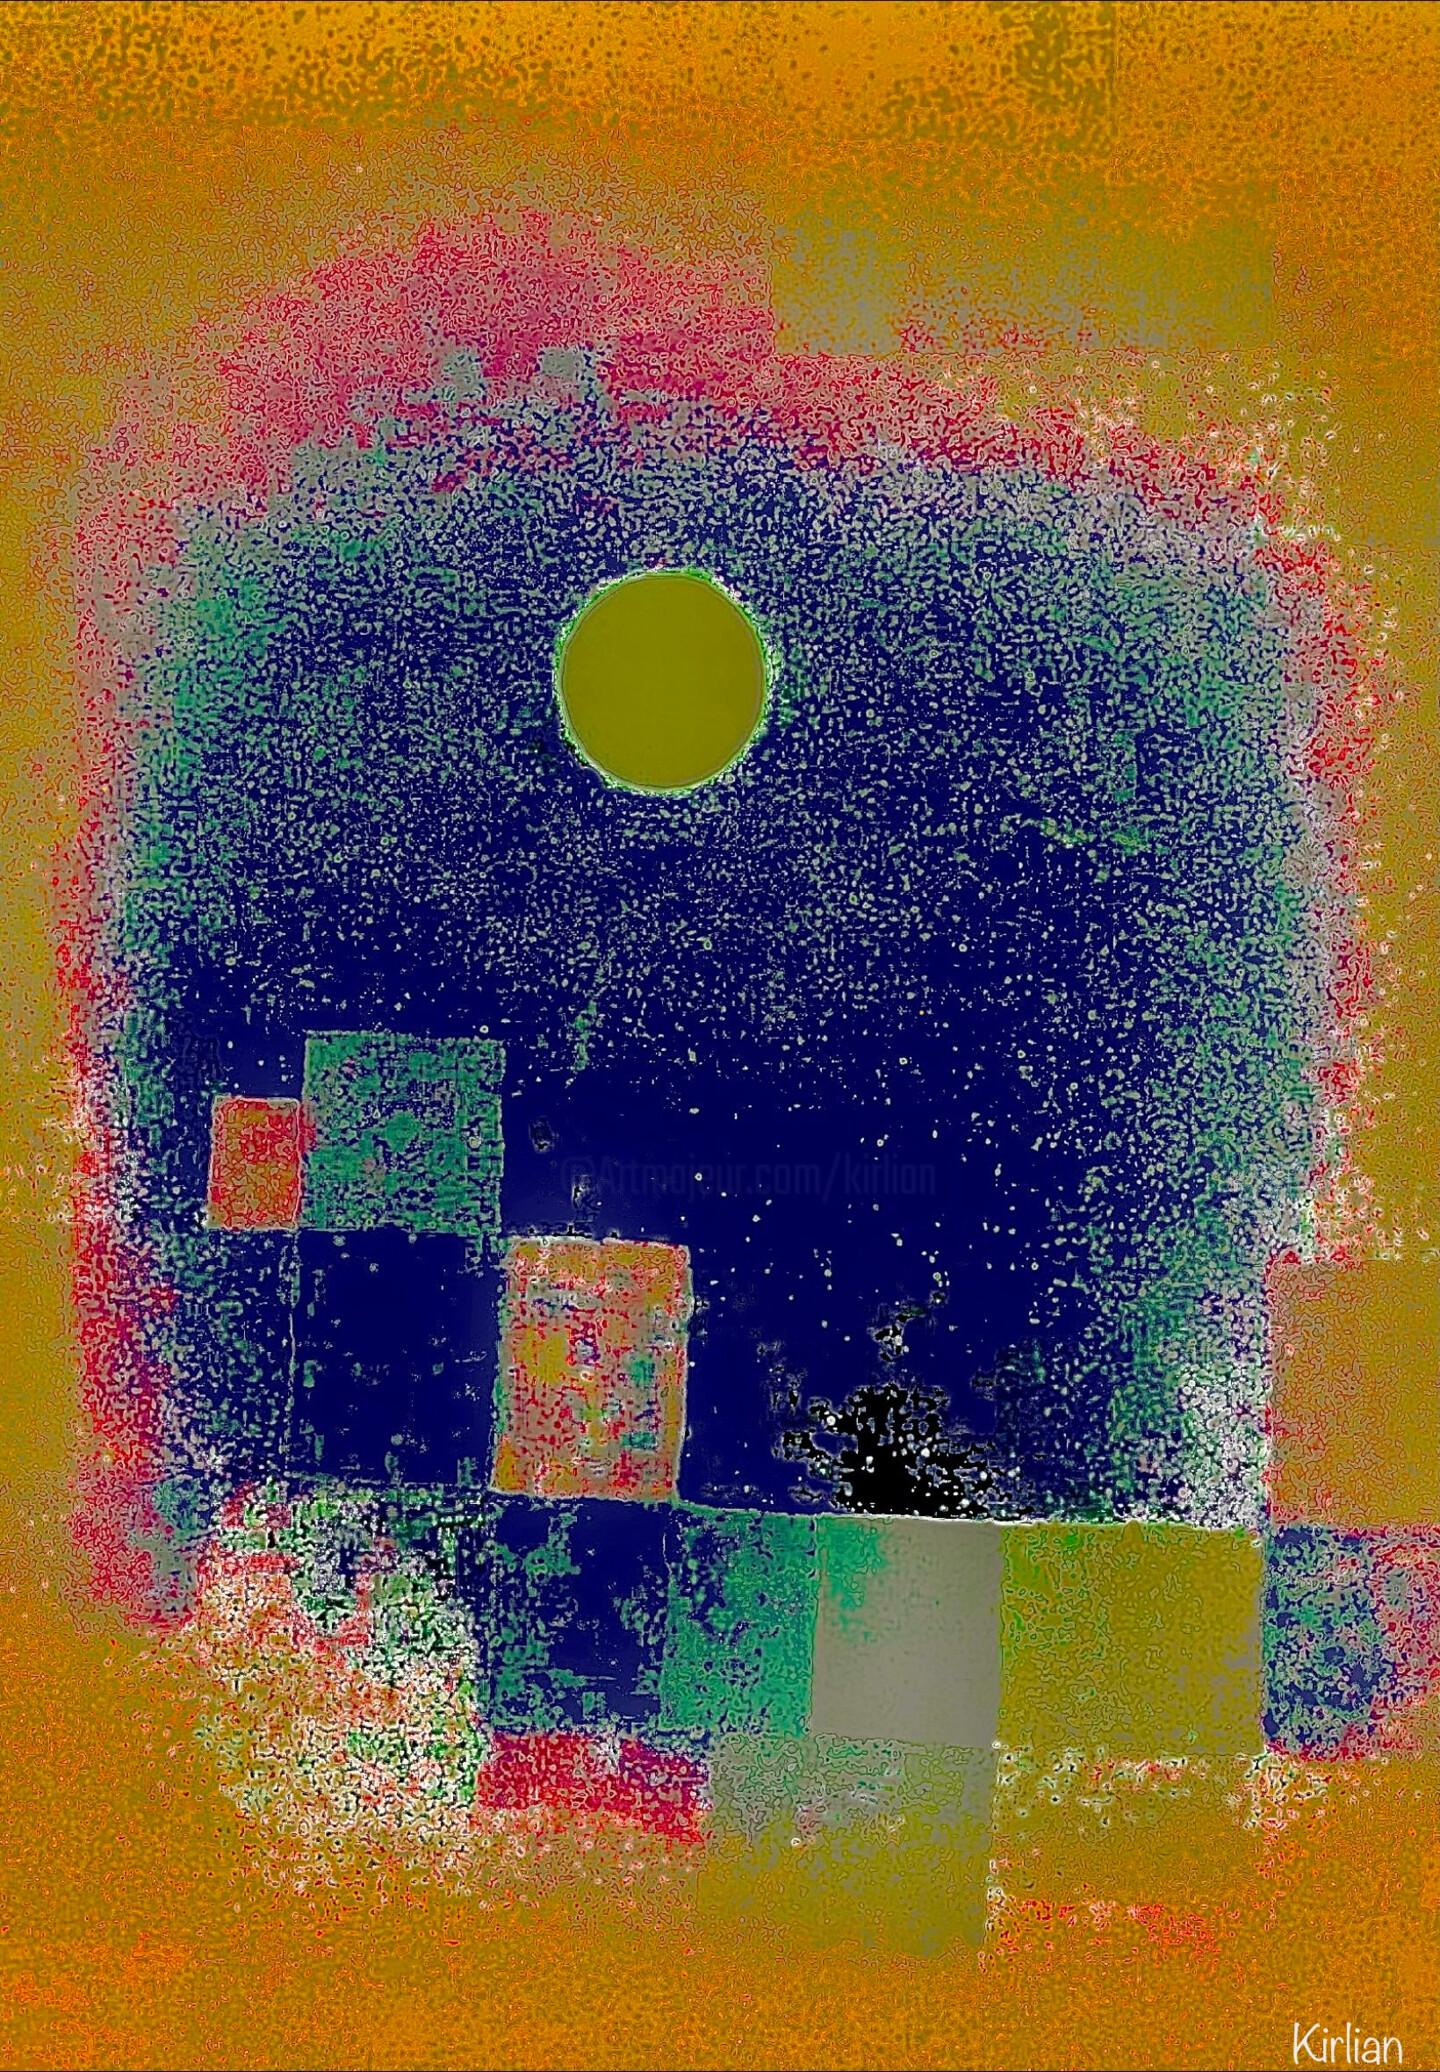 Kirlian - Lunar impulse